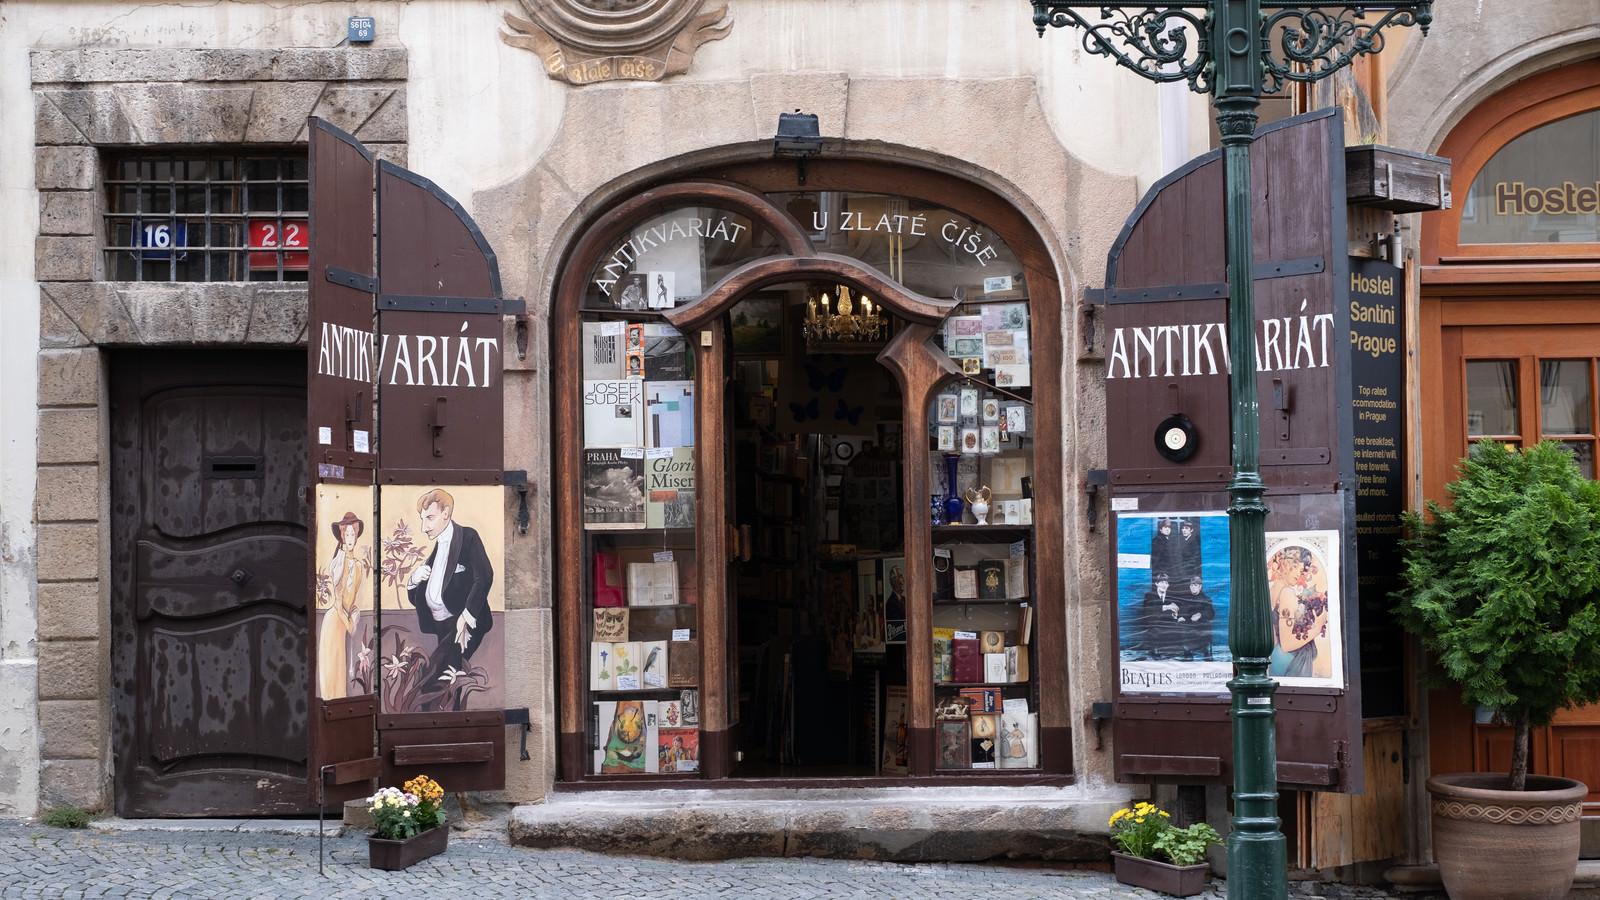 「プラハの雑貨屋(チェコ共和国)」の写真